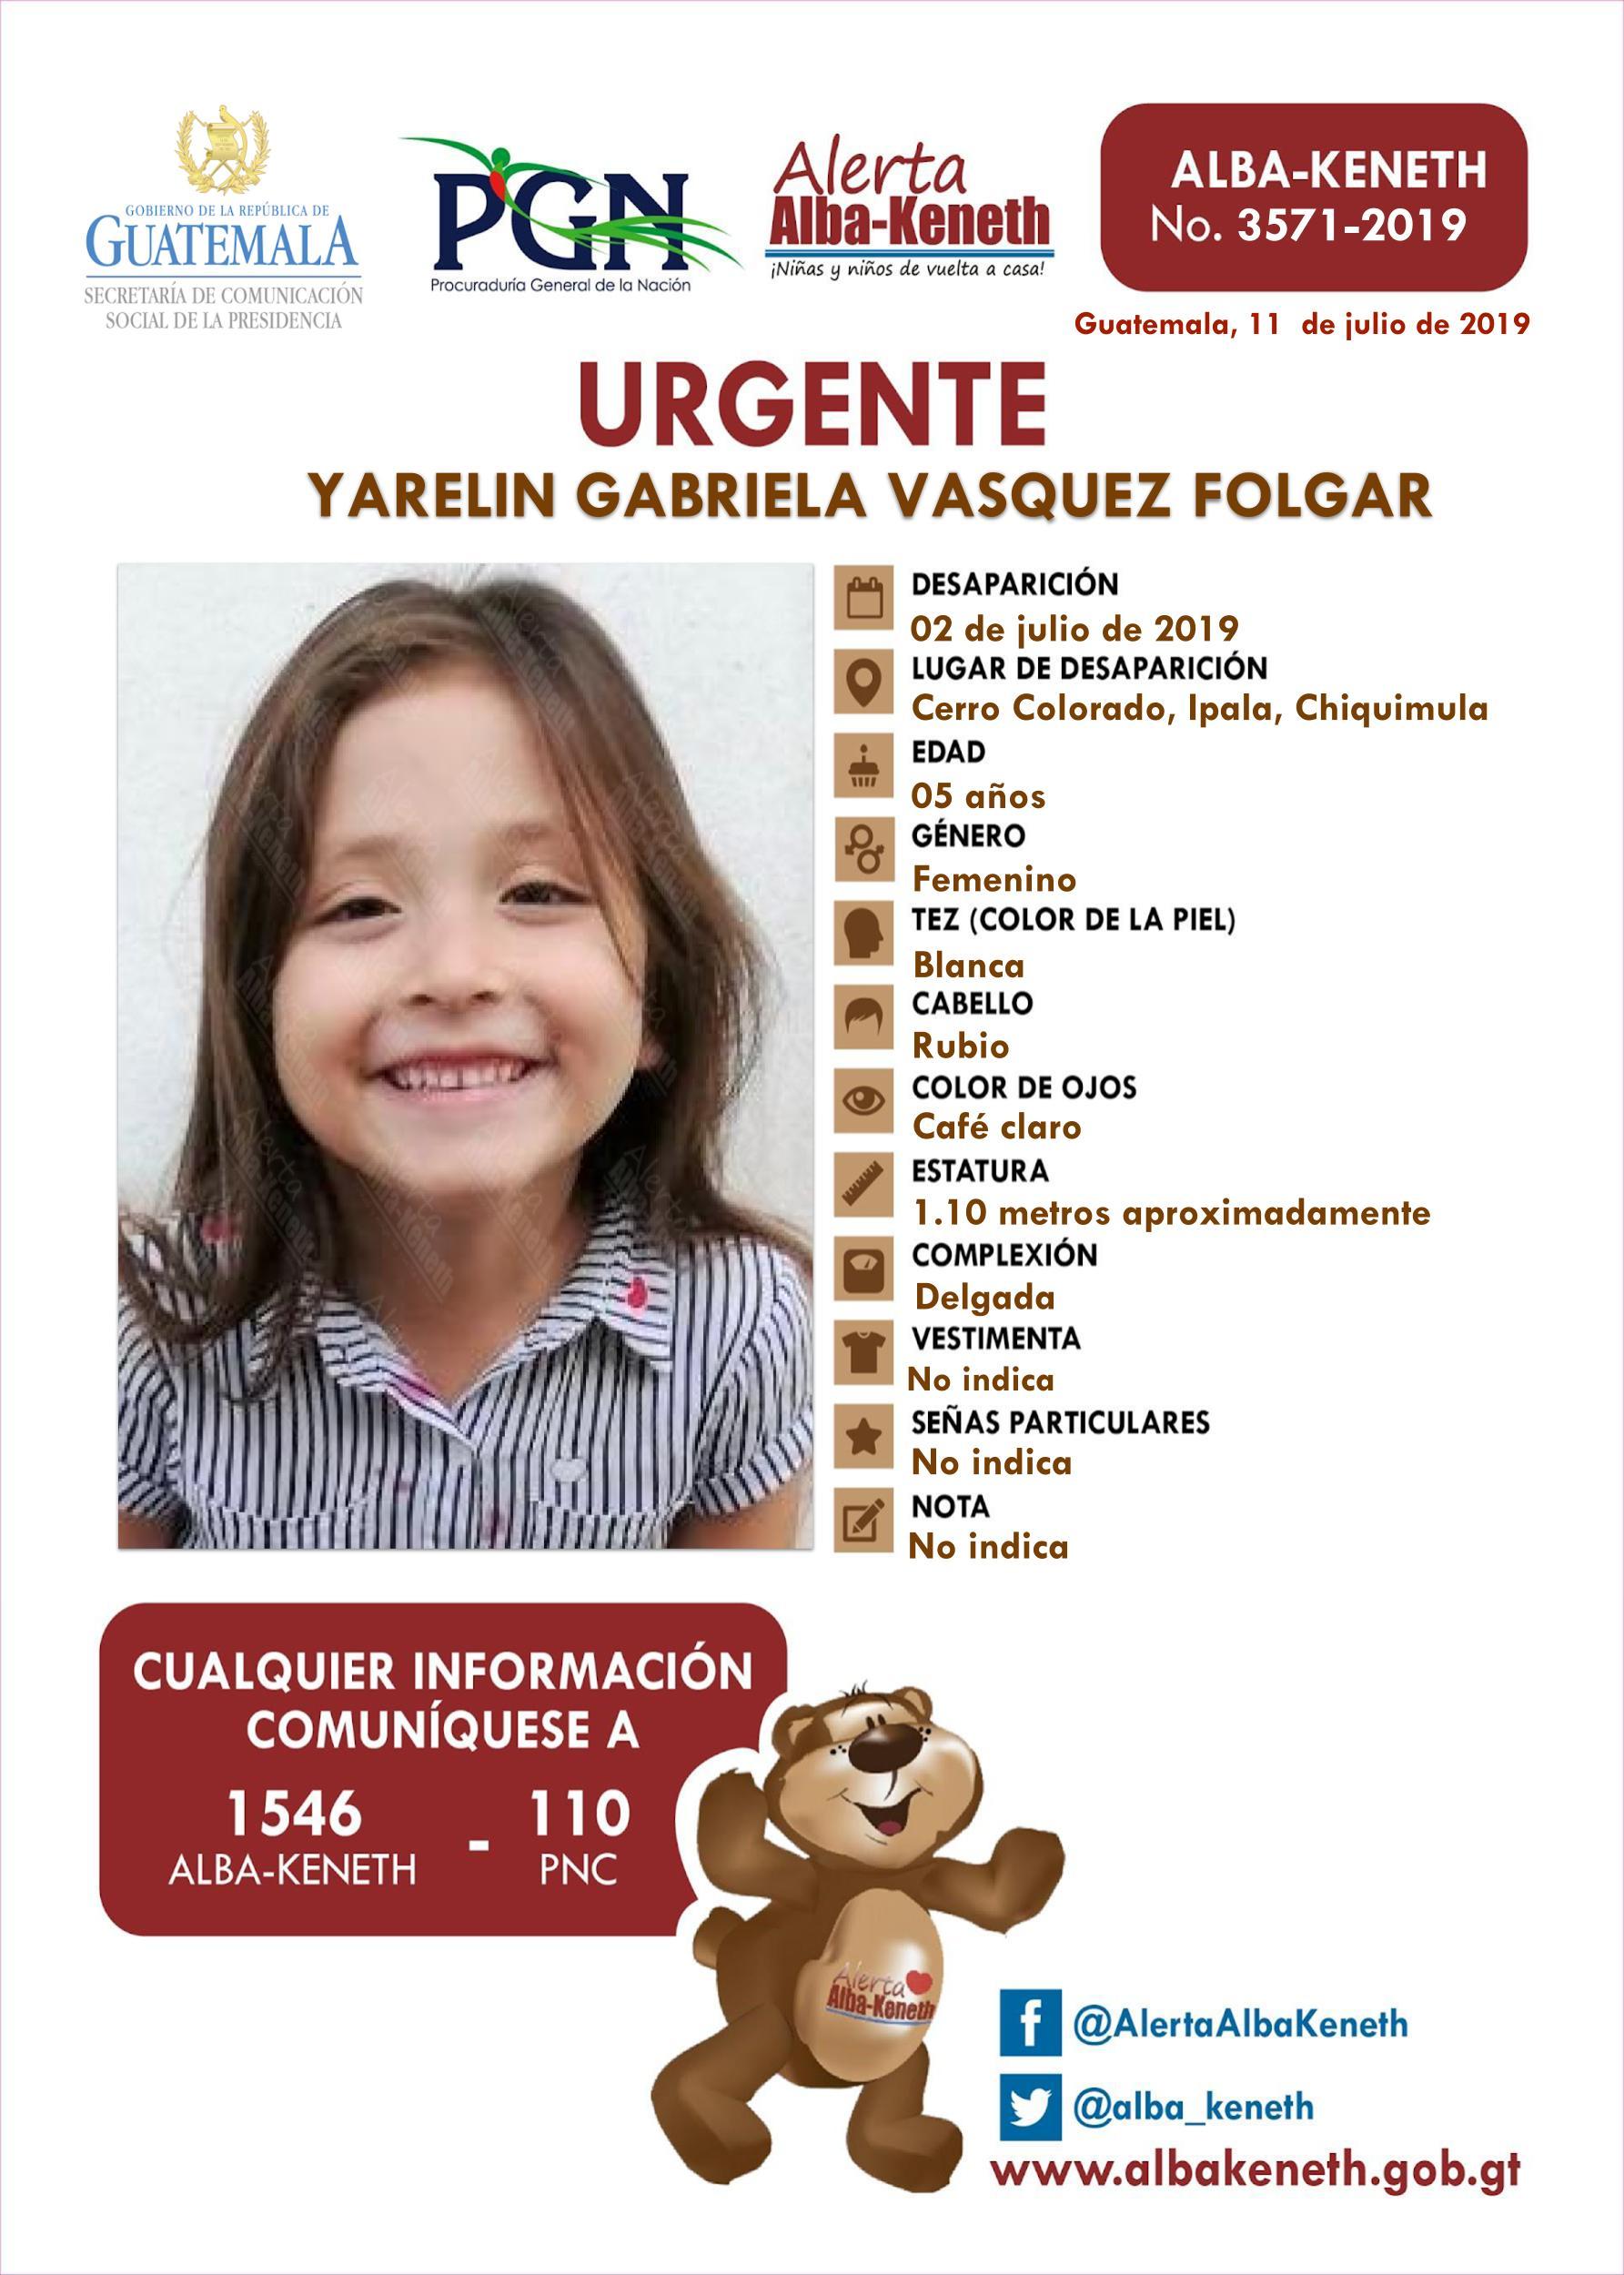 Yarelin Gabriela Vasquez Folgar